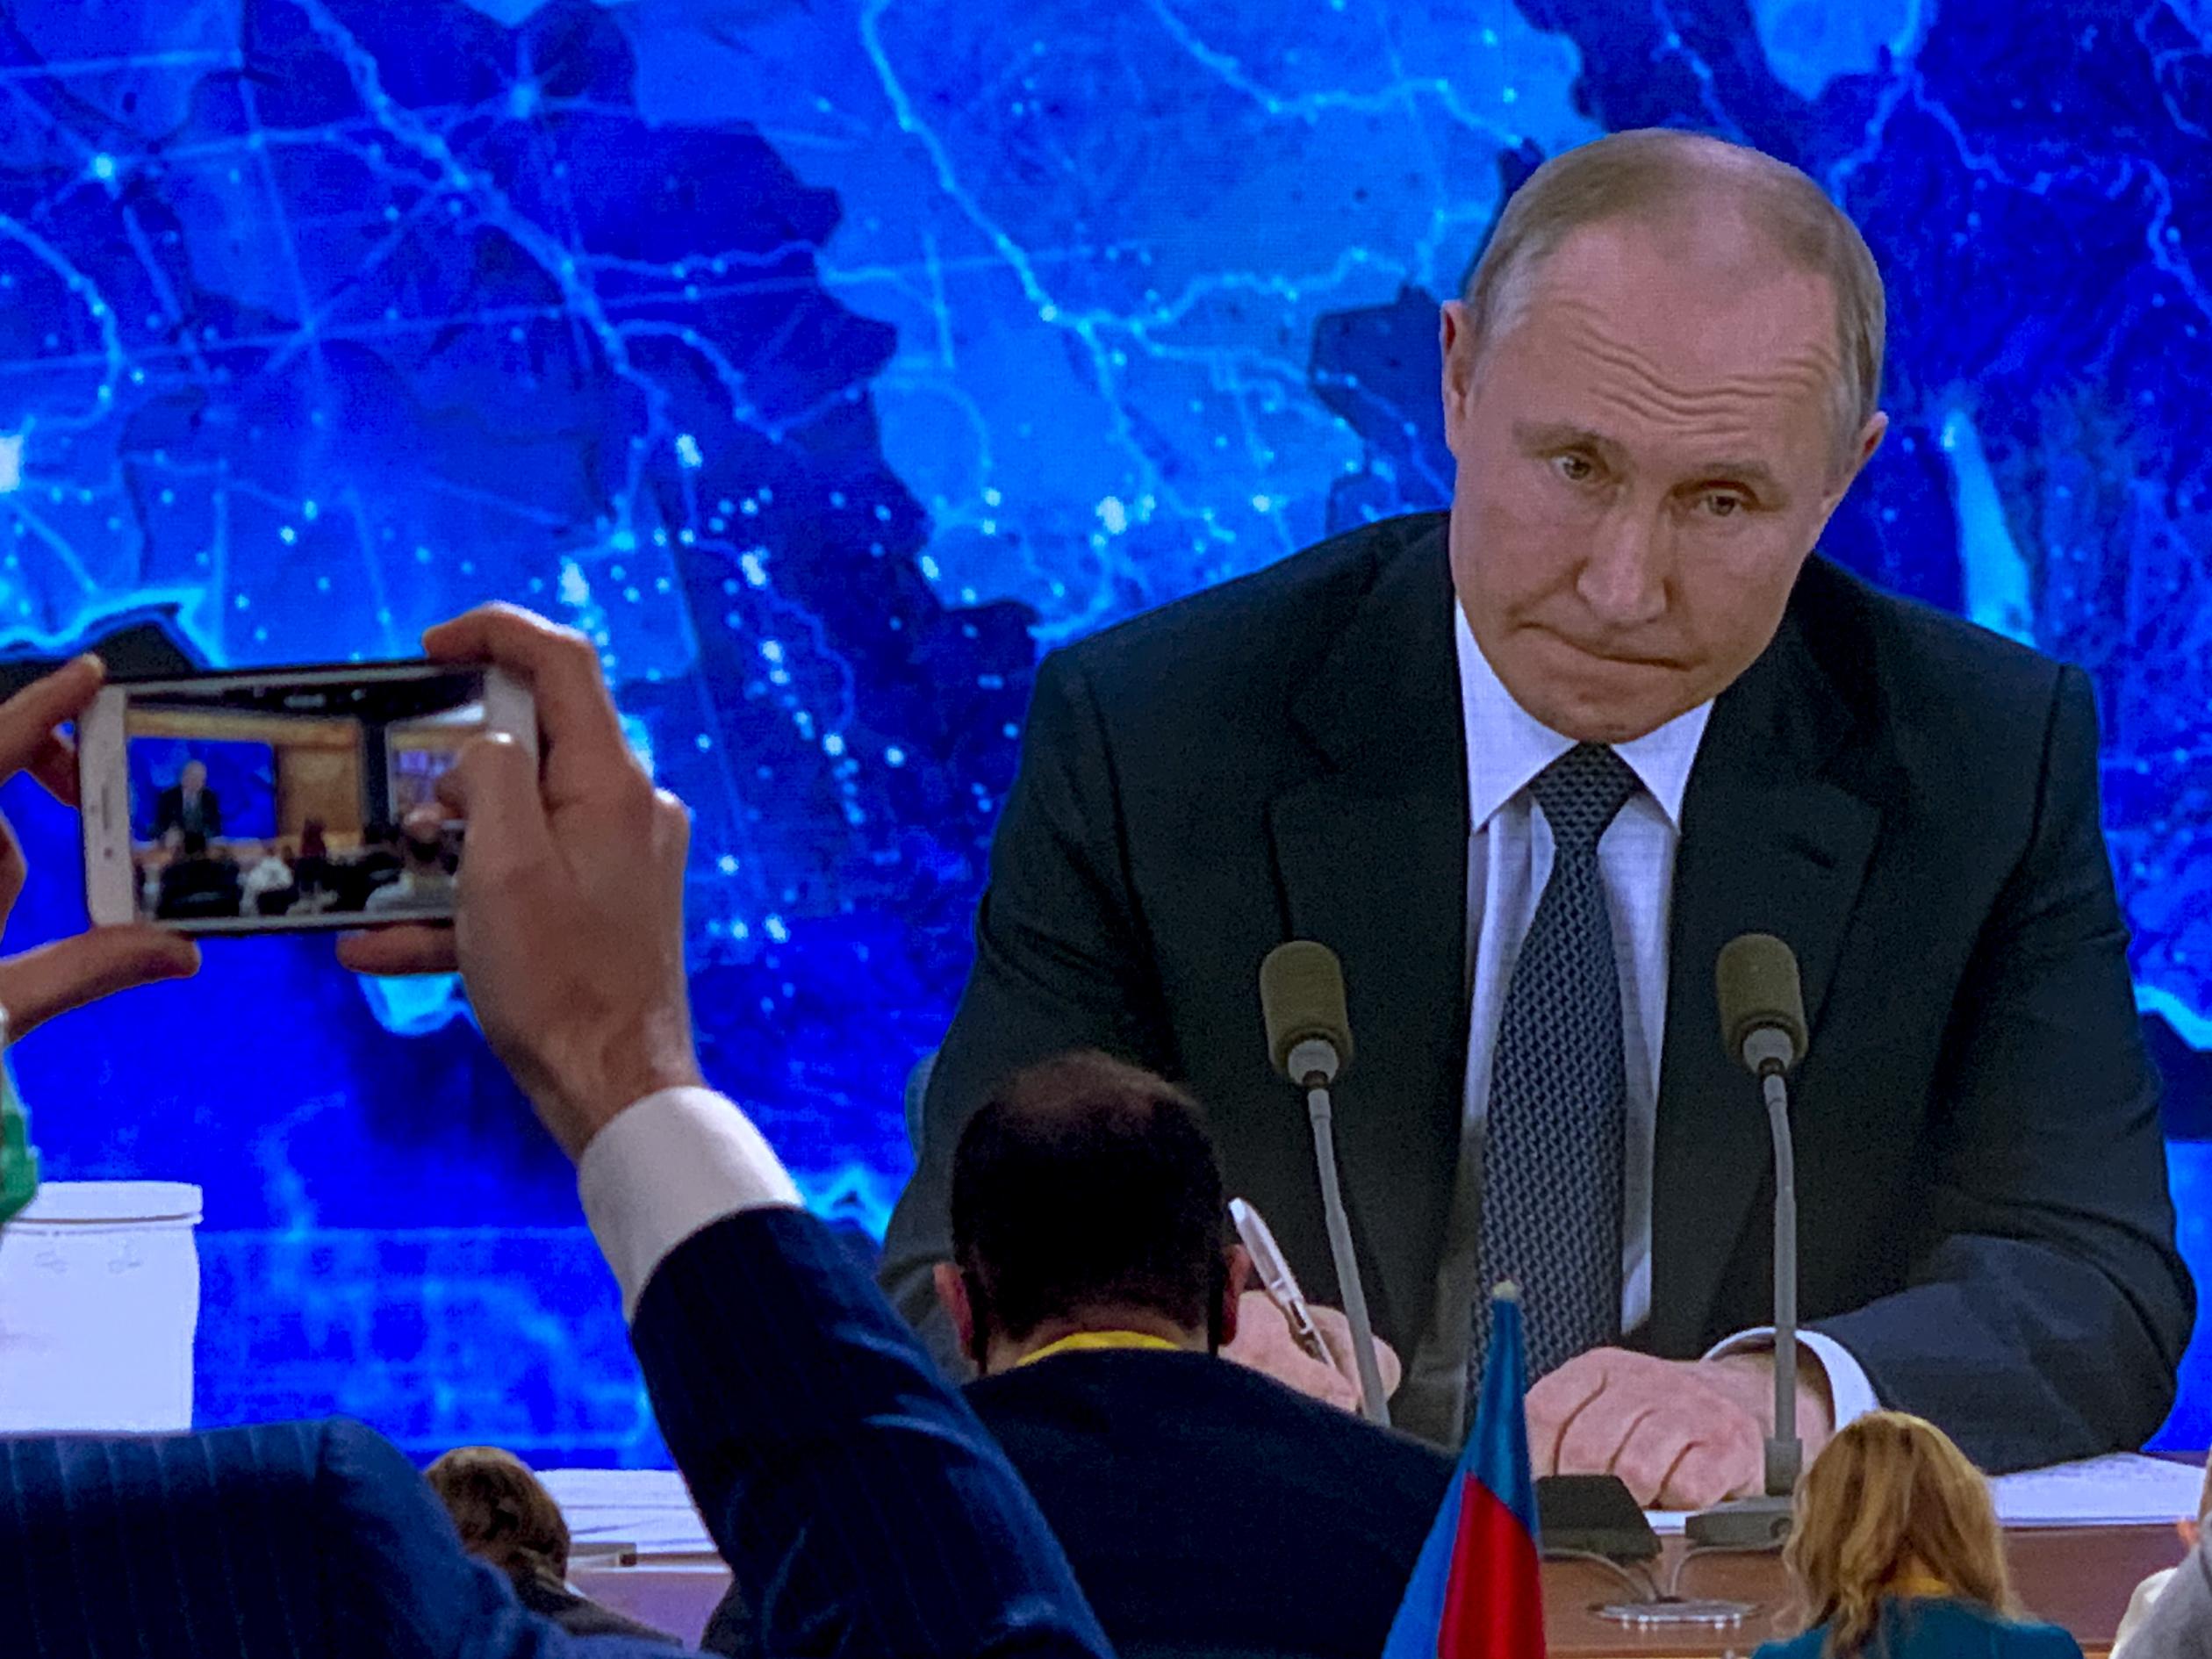 Putyin akkor fogja beoltatni magát az orosz vakcinával, ha az ő korosztályának is javasolják